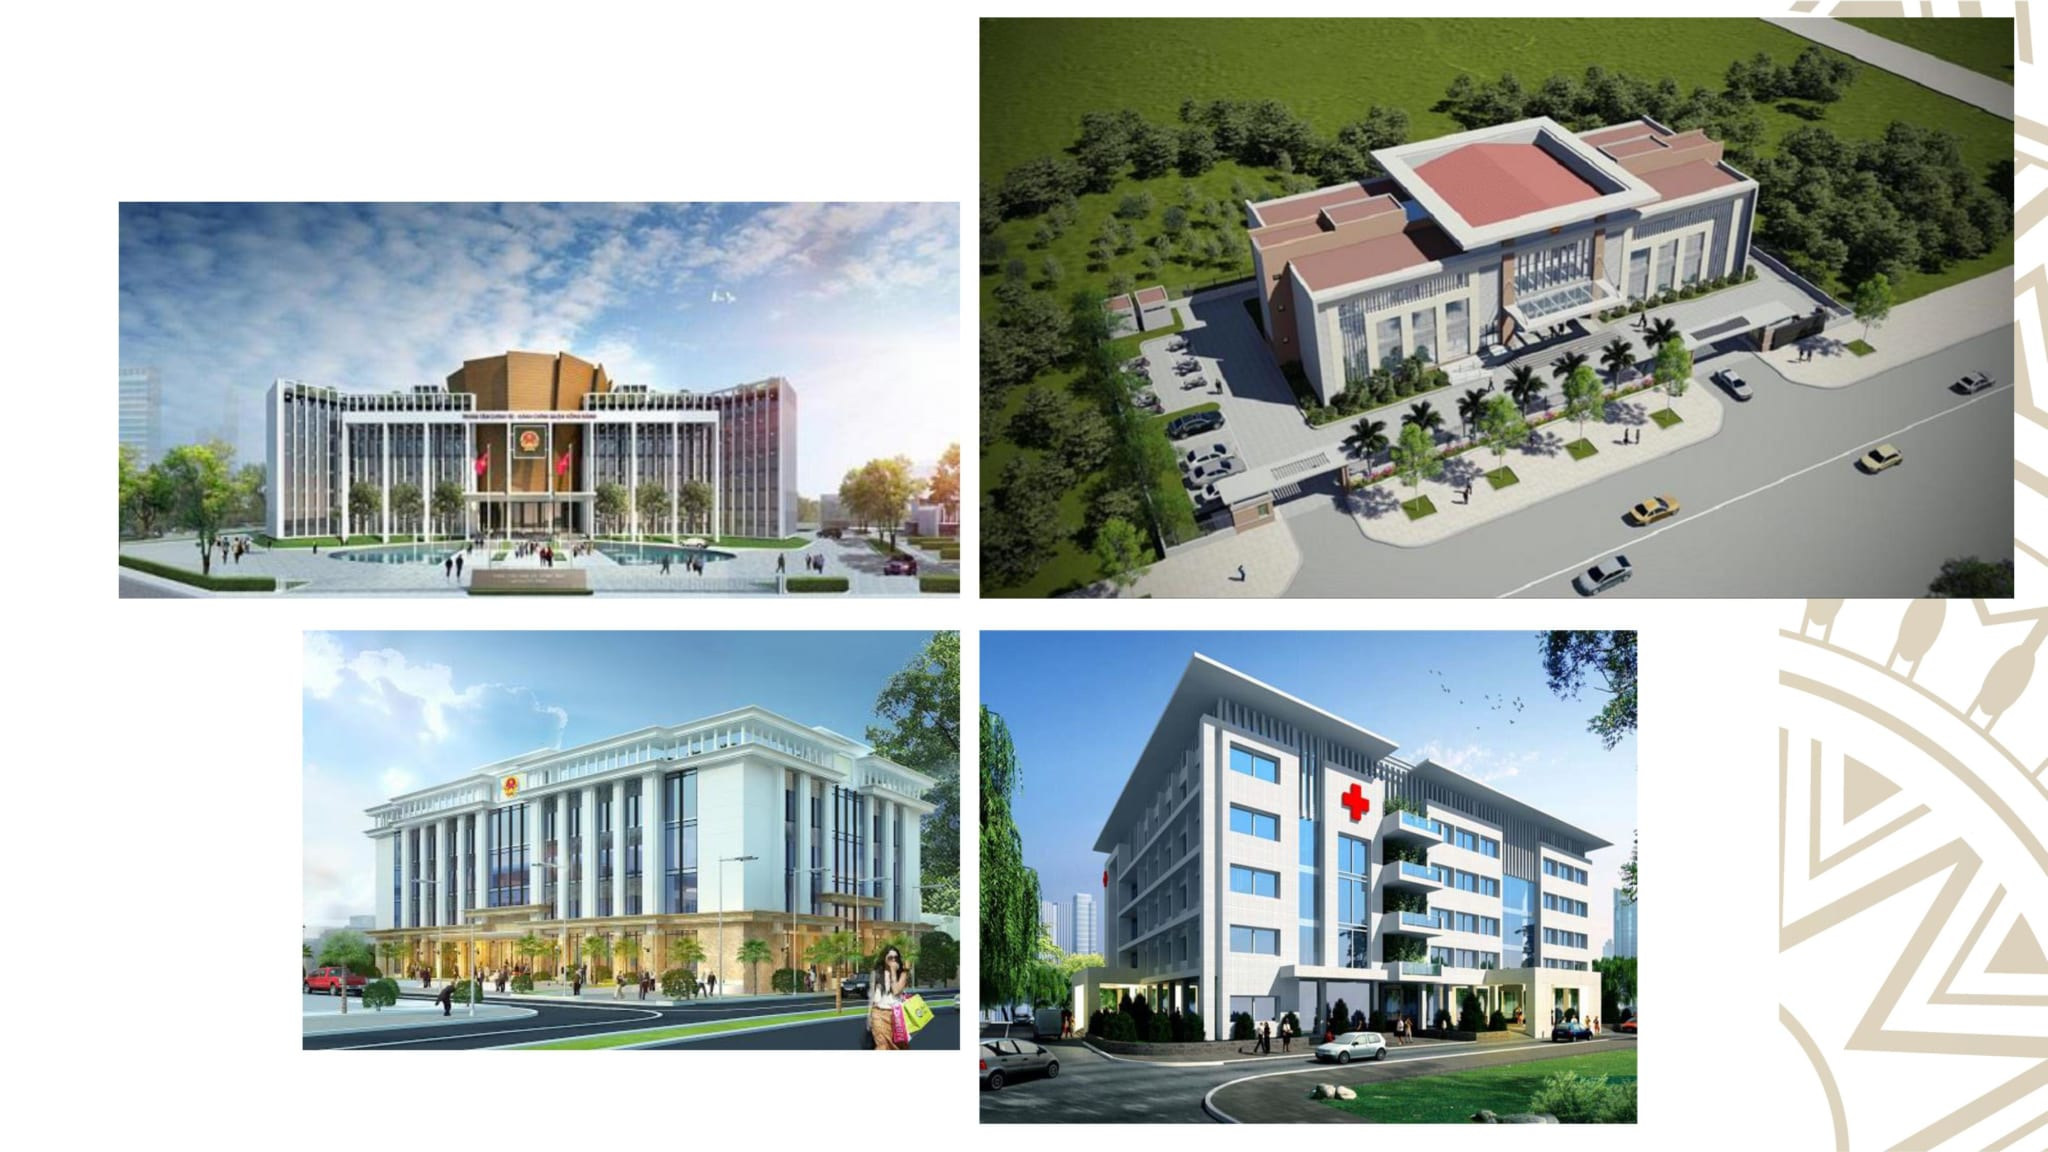 Hệ thống tiện ích: bệnh viện, trường học, ngân hàng, ủy ban